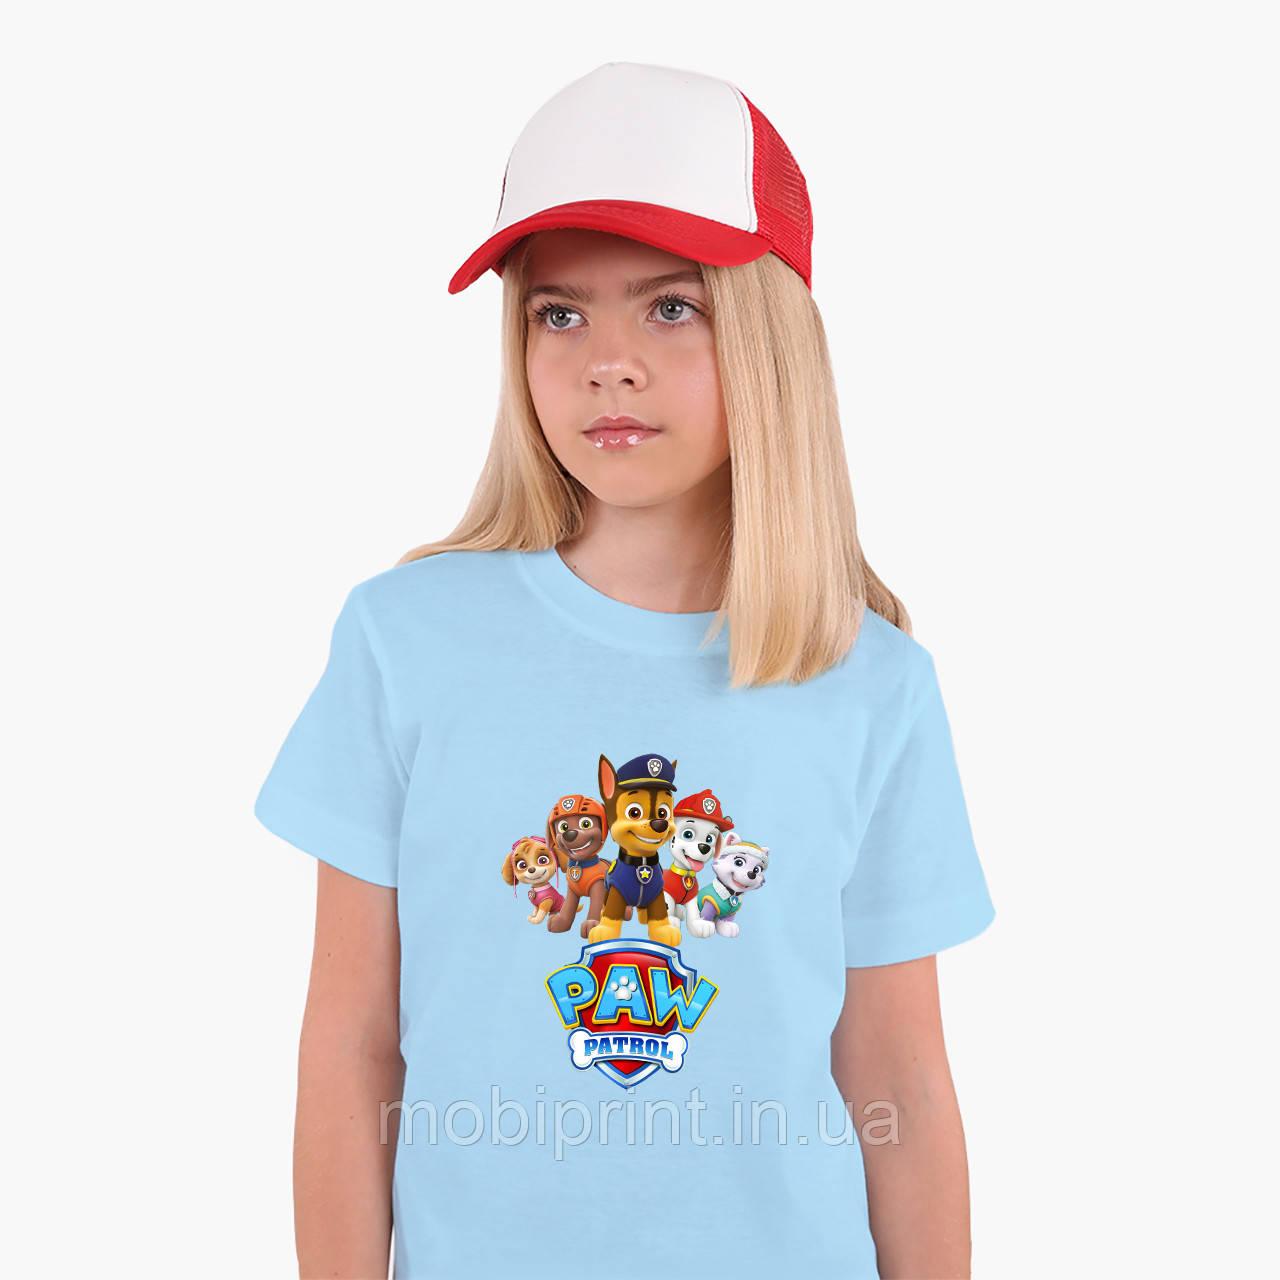 Детская футболка для девочек Щенячий патруль (PAW Patrol) (25186-1608) Голубой